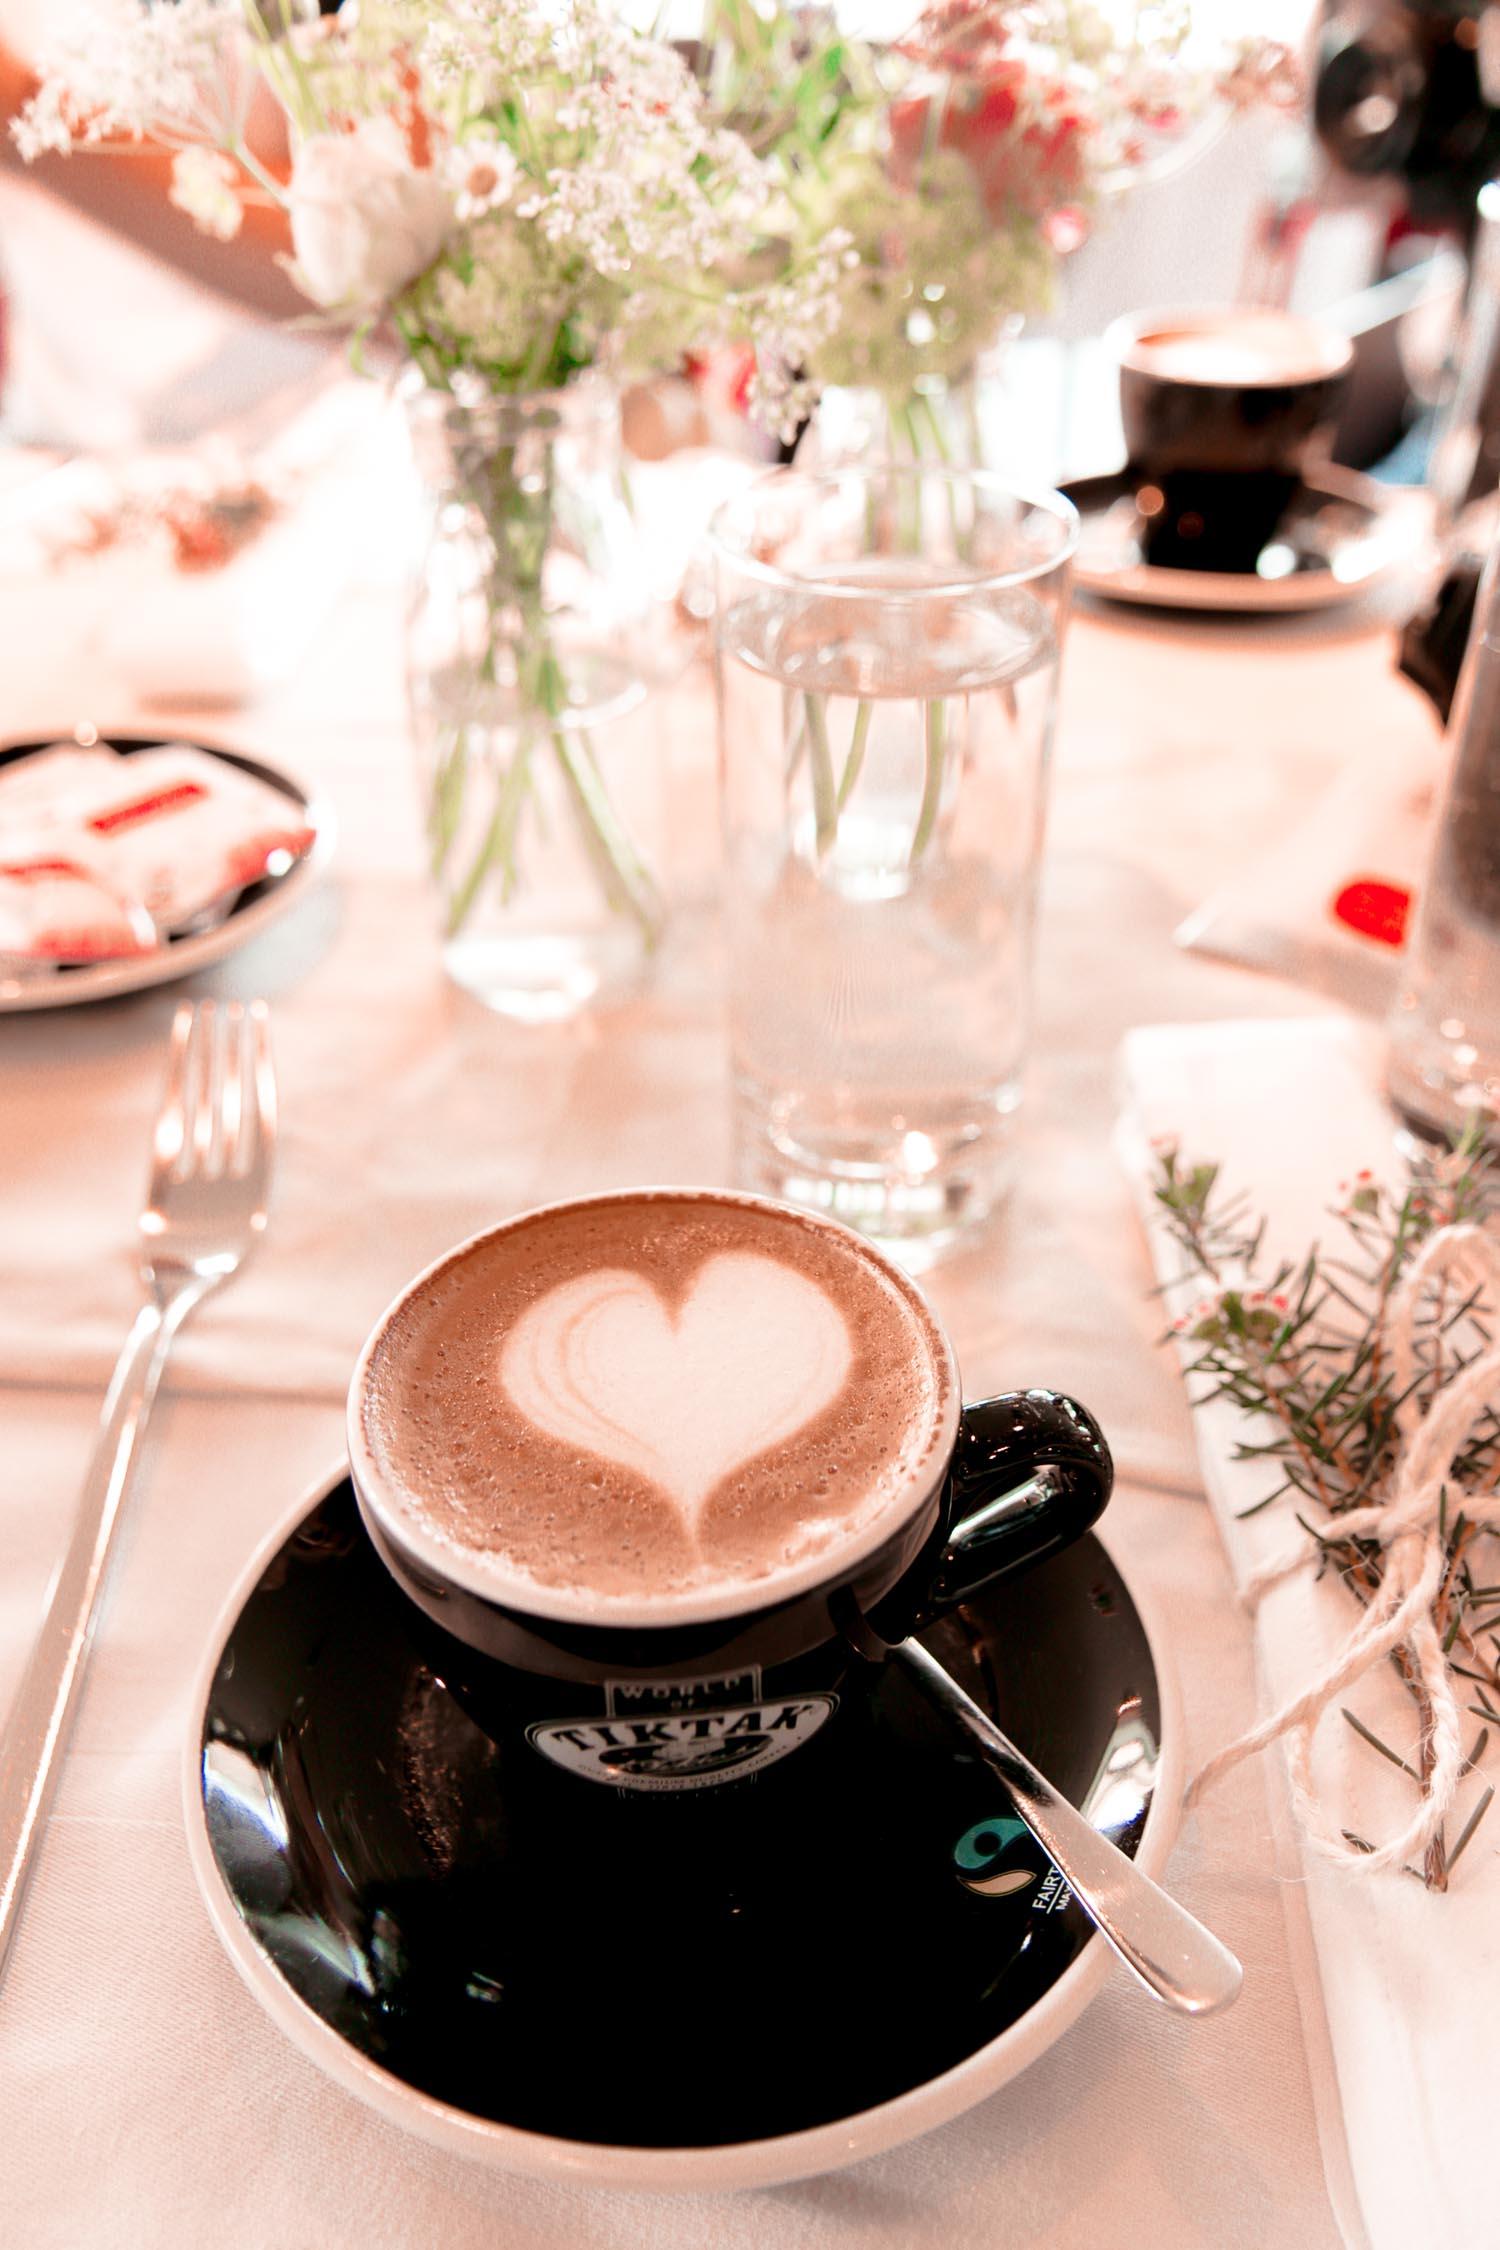 Blogger Brunch SalzburgMilch X 23timezones Lifestyle Blog aus Österreich mit stefaniegoldmarie und leoandotherstories imlauer sky bar & restaurant